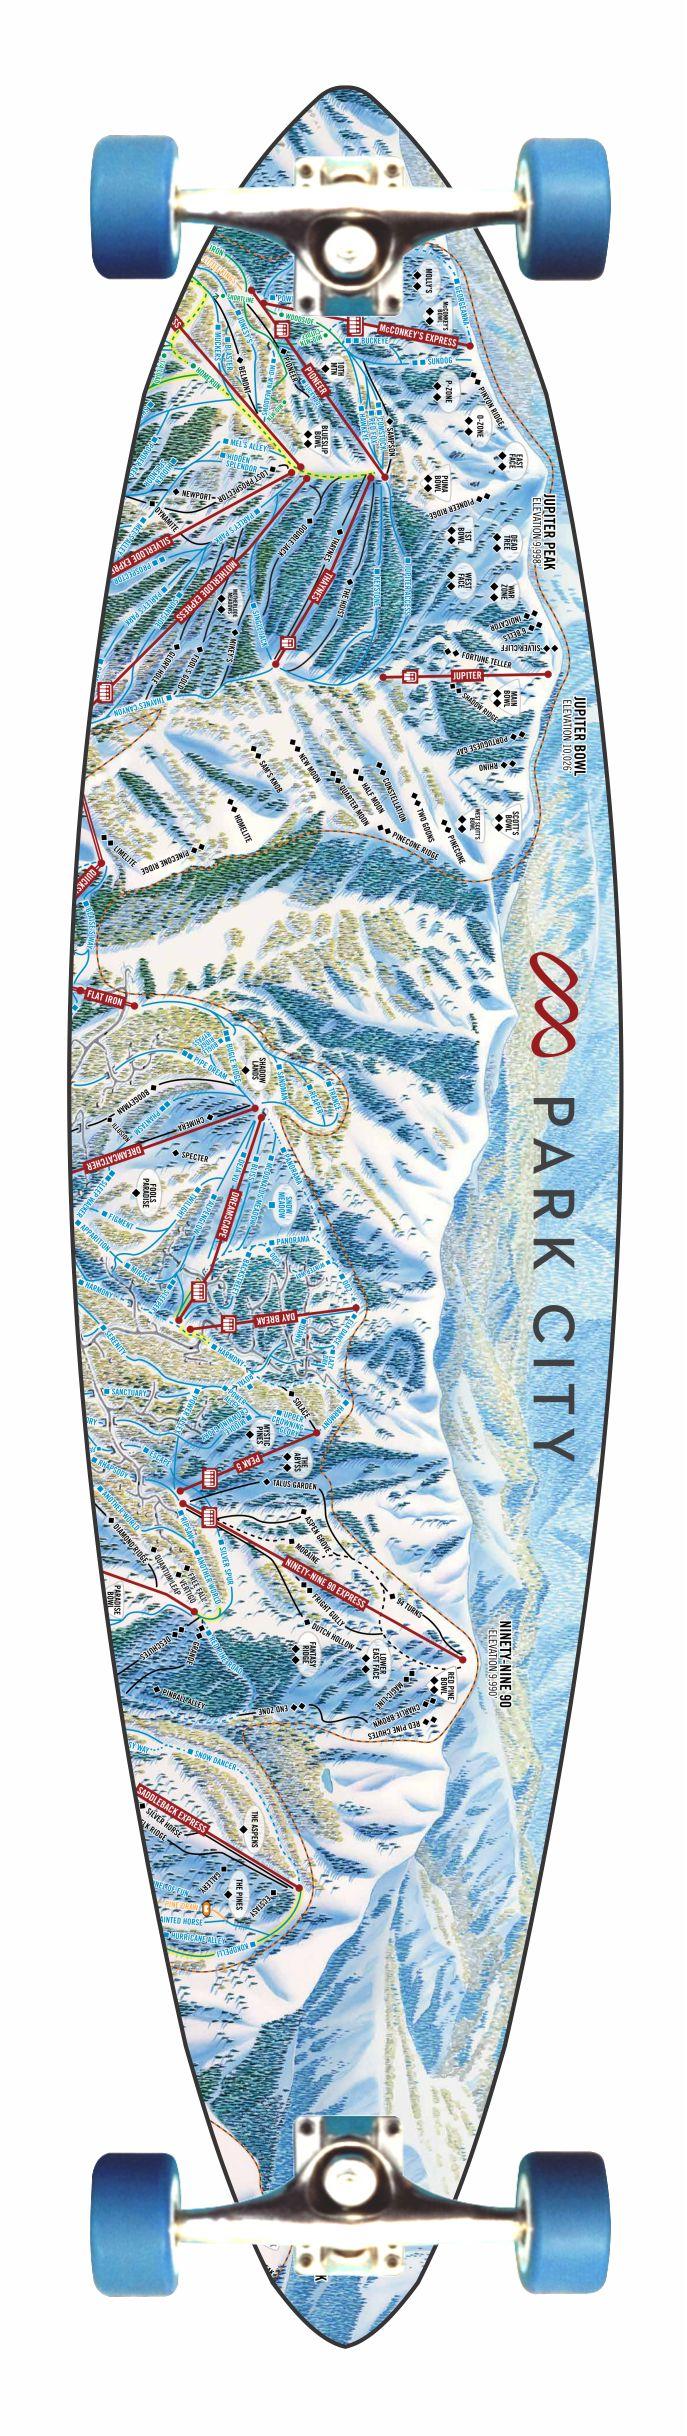 Ski Map Longboard.jpg